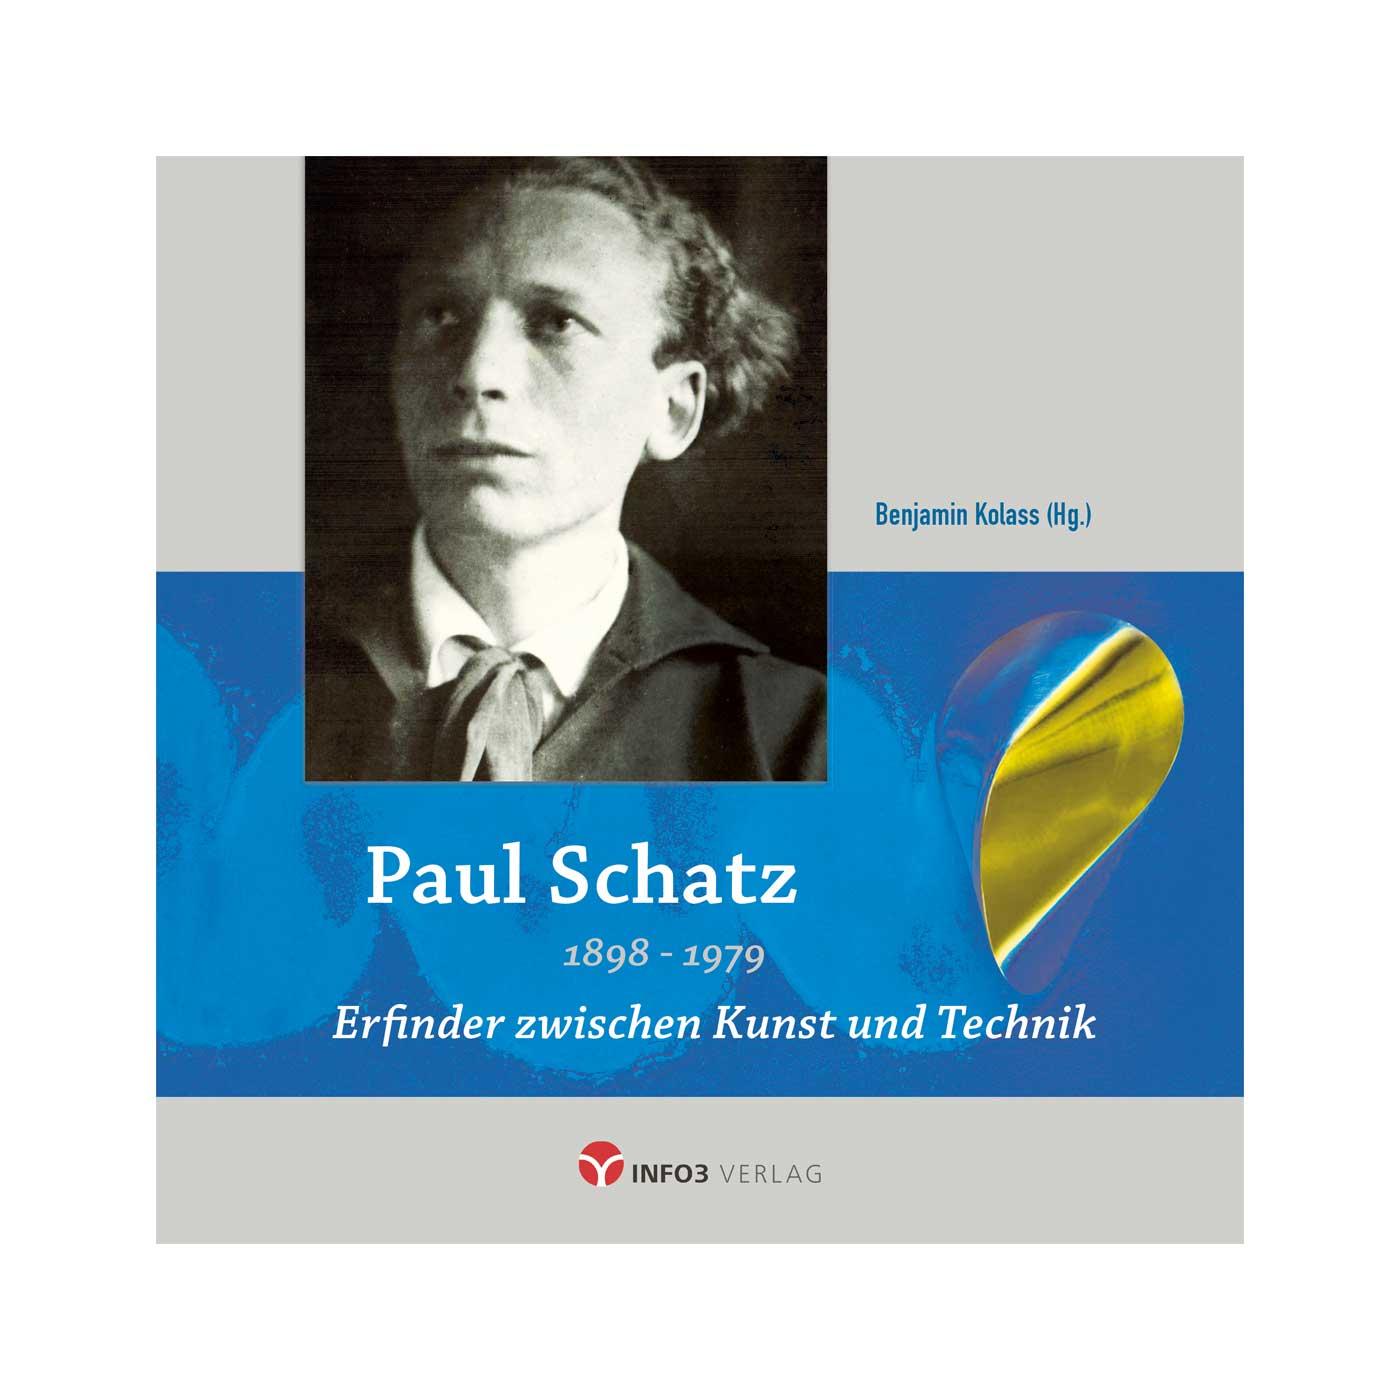 Paul-Schatz-Erfinder-zwischen-Kunst-und-Technik